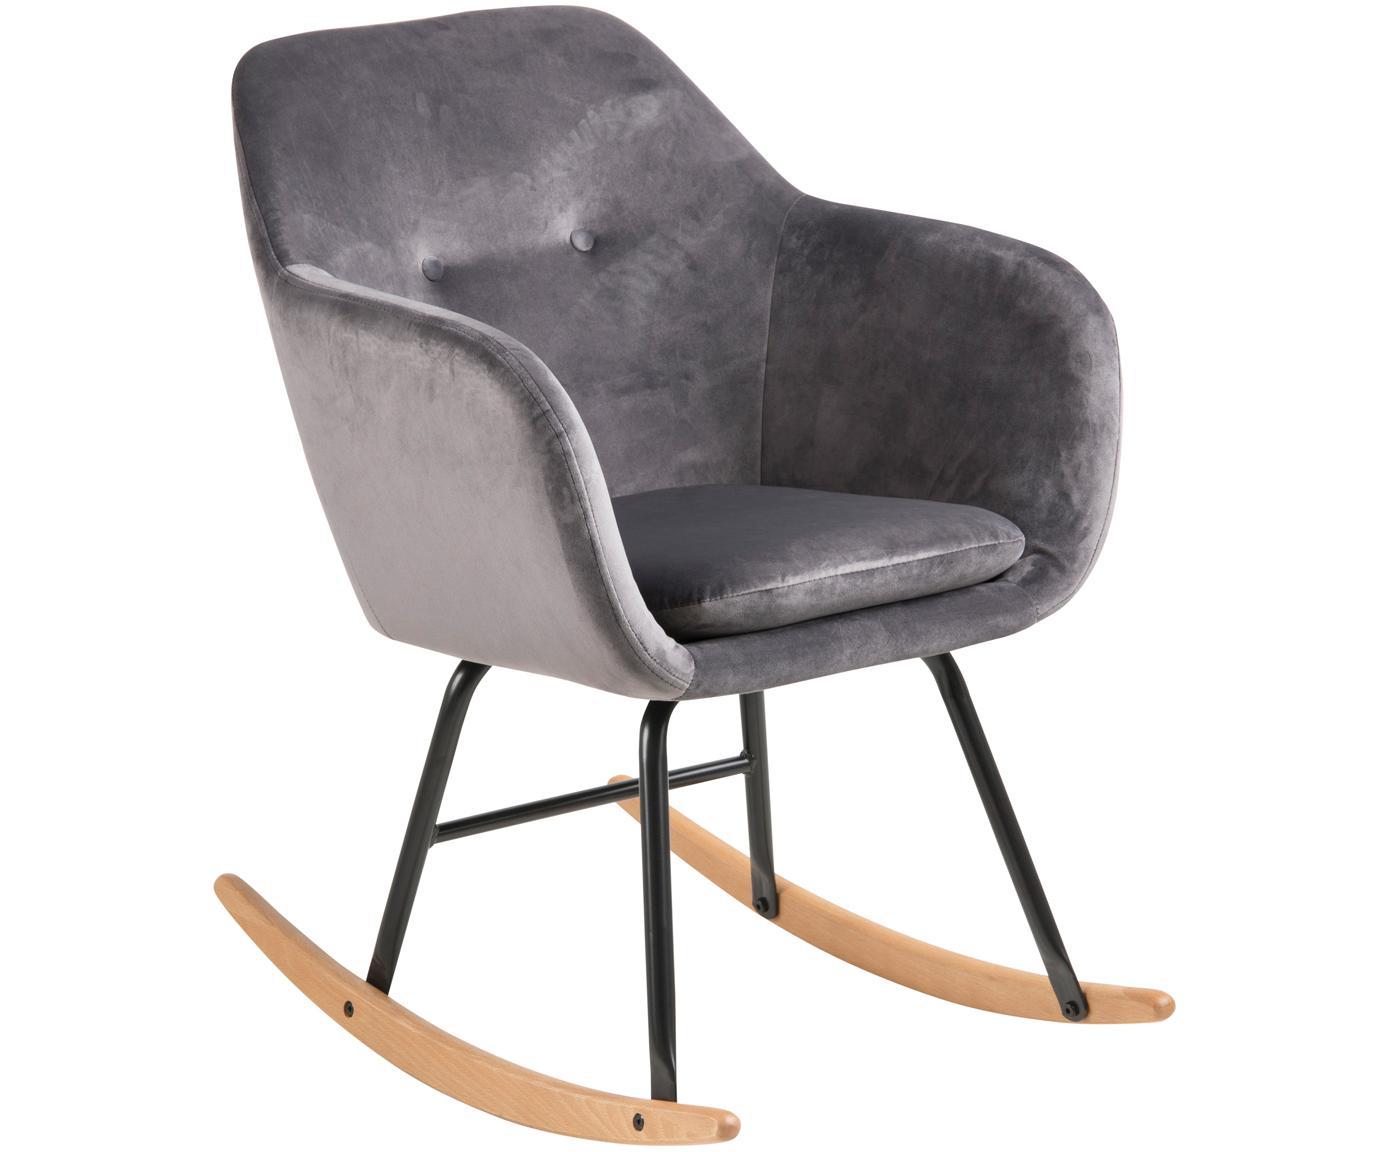 Fotel bujany  z aksamitu Emilia, Tapicerka: poliester (aksamit) Tkani, Nogi: metal malowany proszkowo, Aksamitny szary, S 57 x W 81 cm